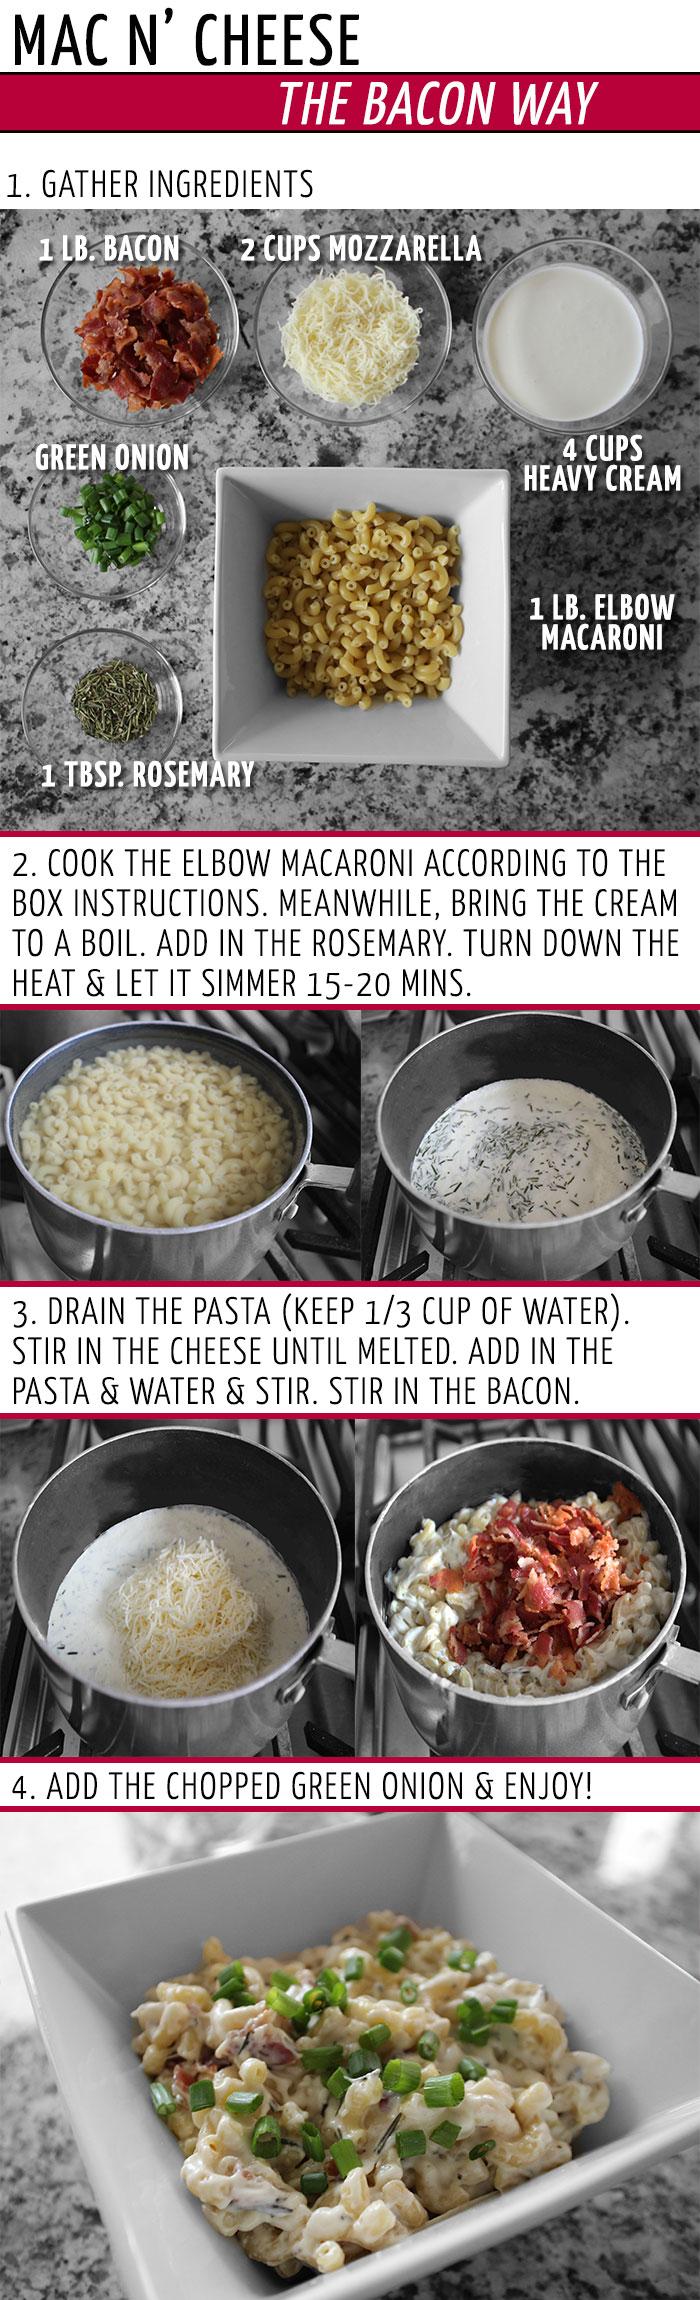 Bacon-Mac-N-Cheese